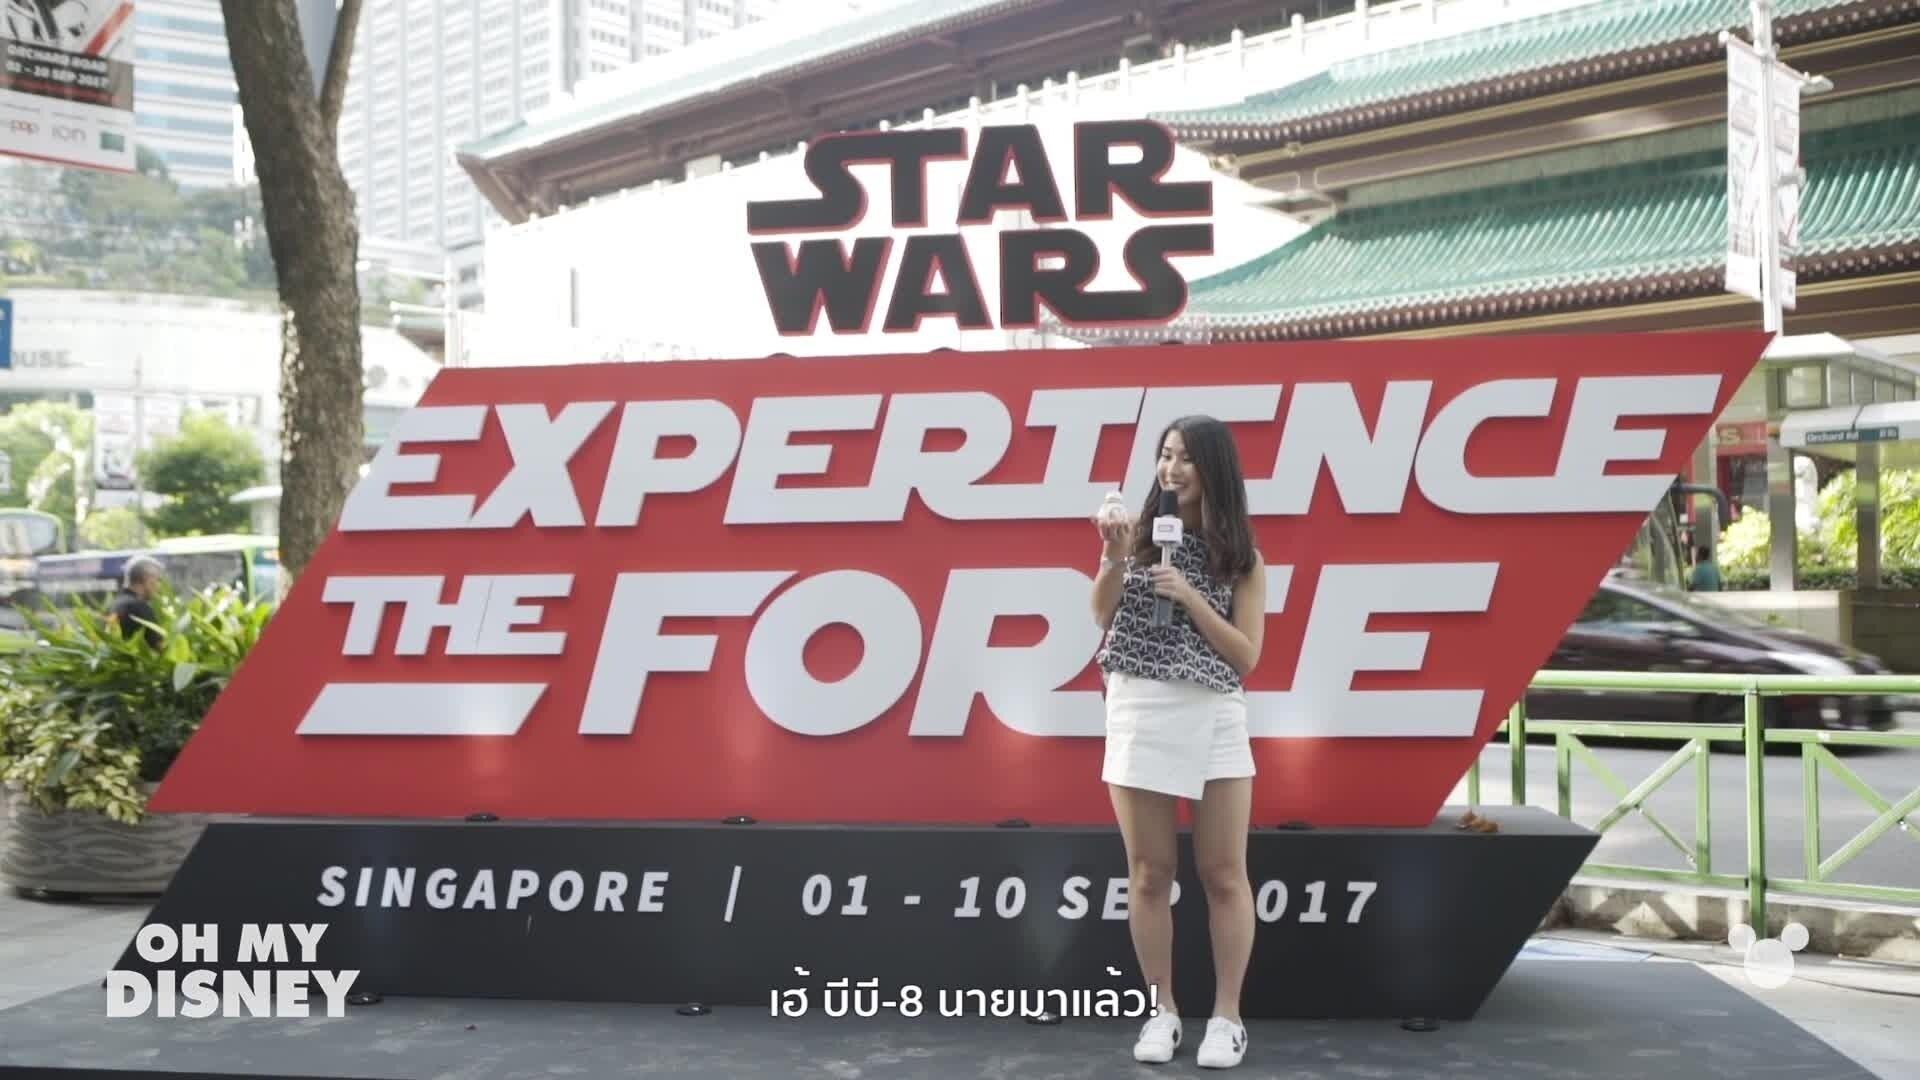 ดิสนีย์ อินไซเดอร์ Star Wars: Experience the Force